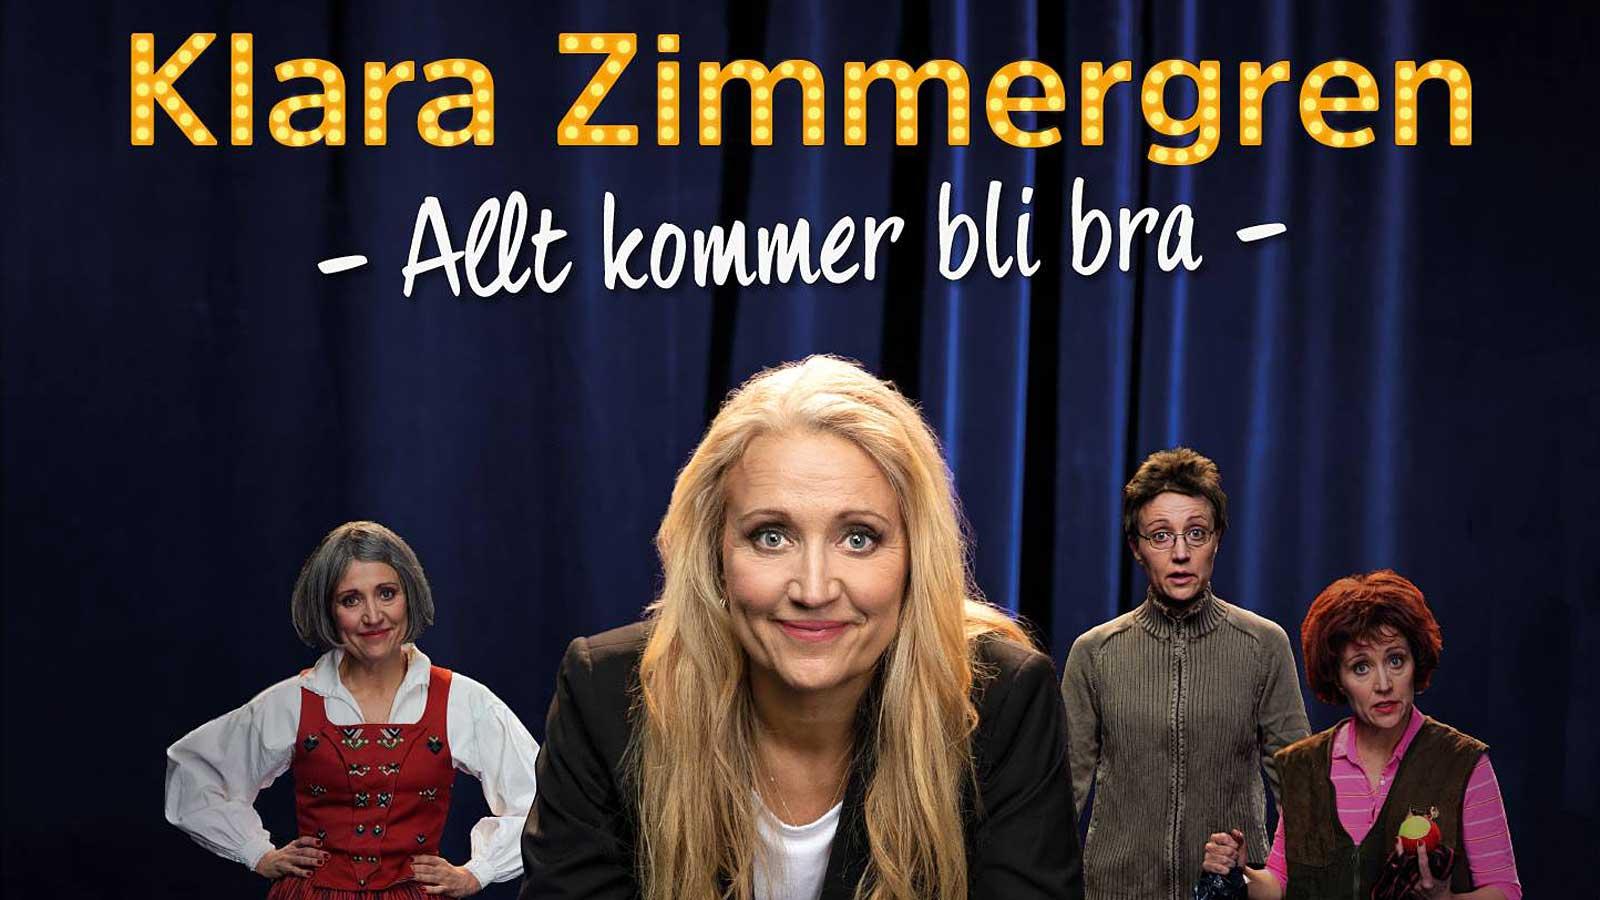 Allt kommer bli bra - Klara Zimmergren